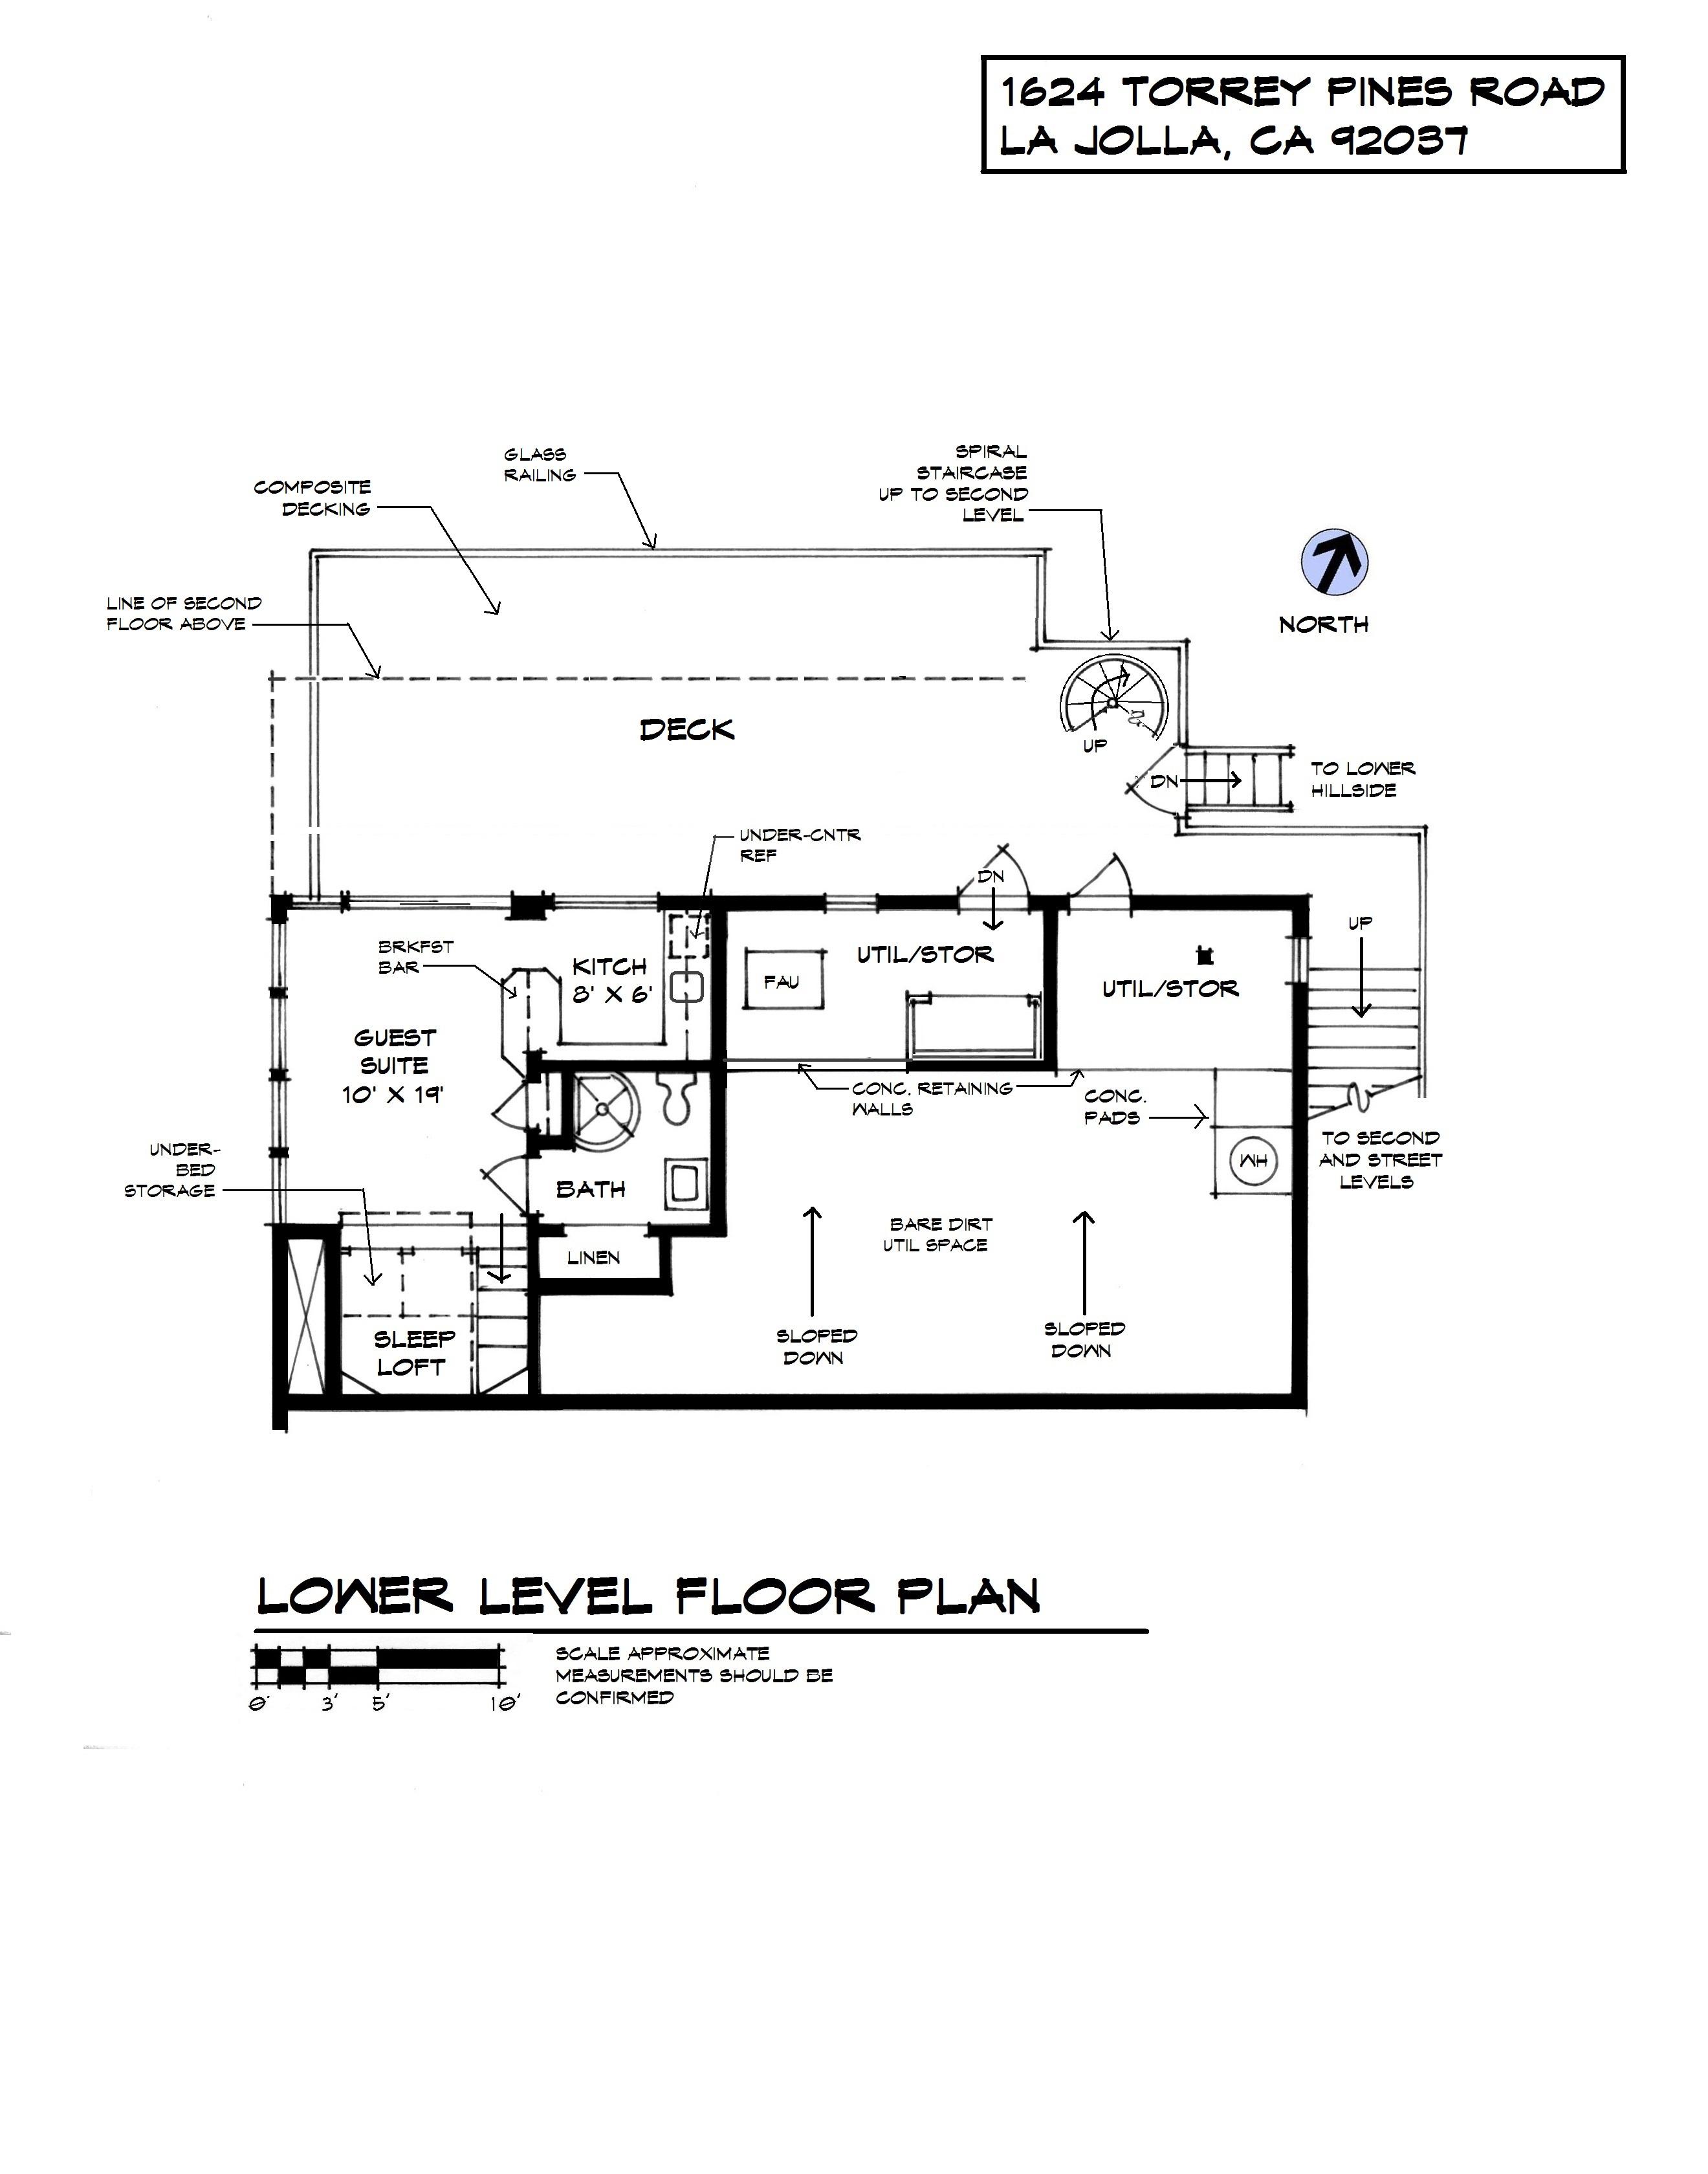 1624 Torrey Pn Low Lv Plan